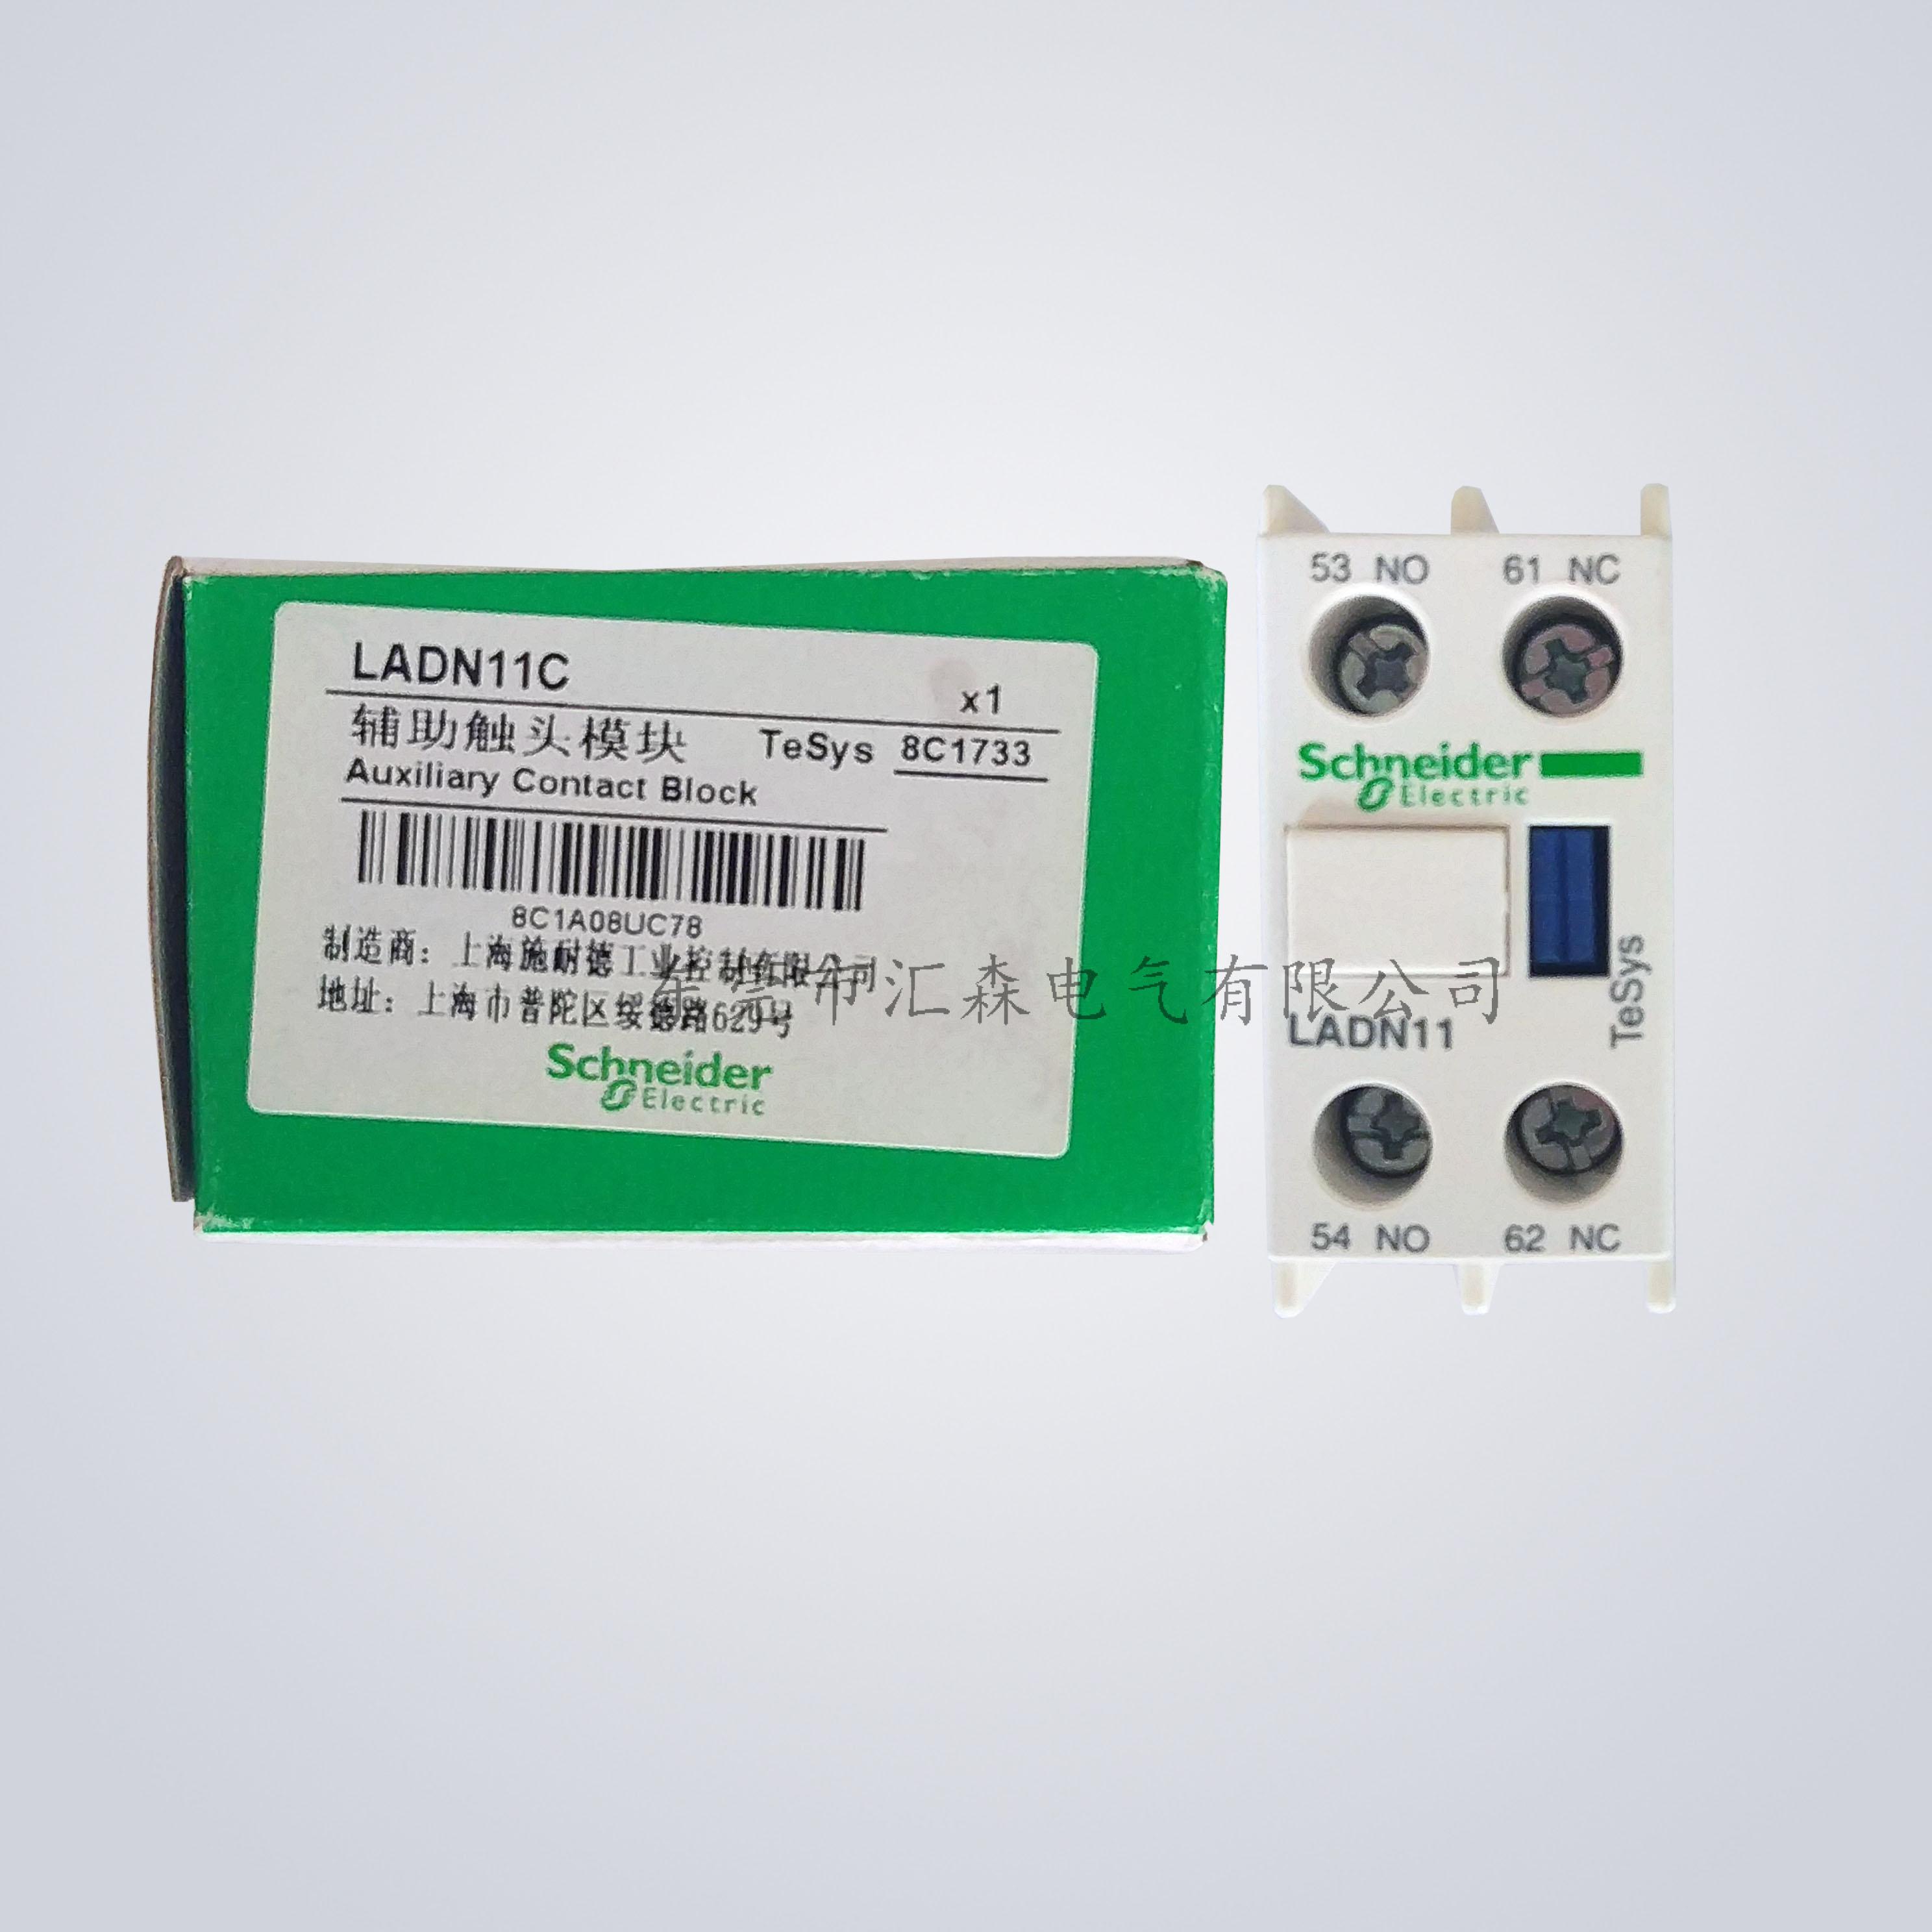 施耐德接触器辅助触点模块LADN11C